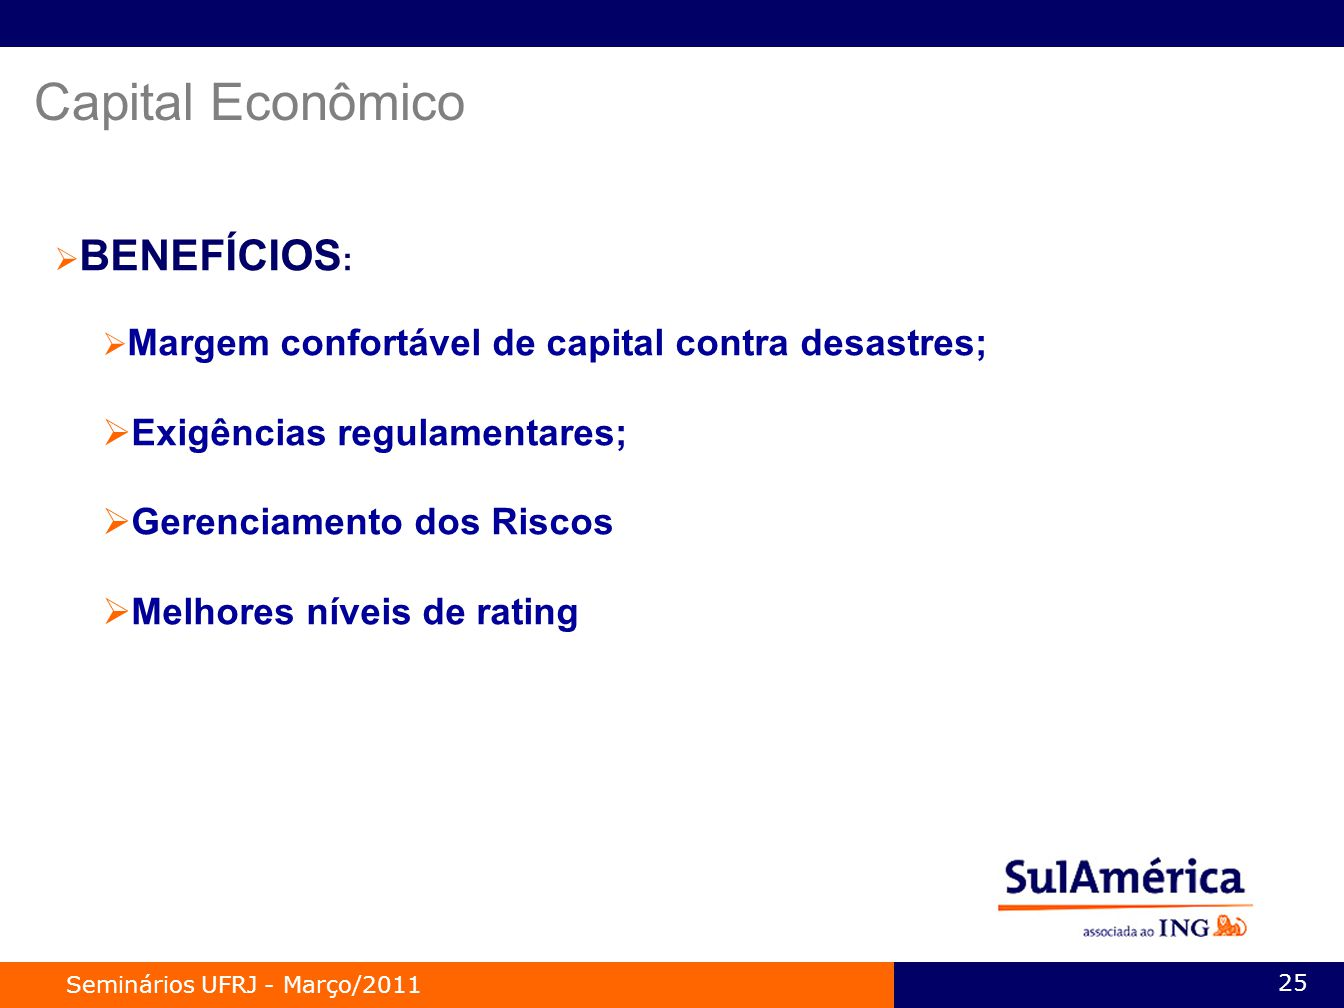 Capital Econômico Exigências regulamentares; Gerenciamento dos Riscos